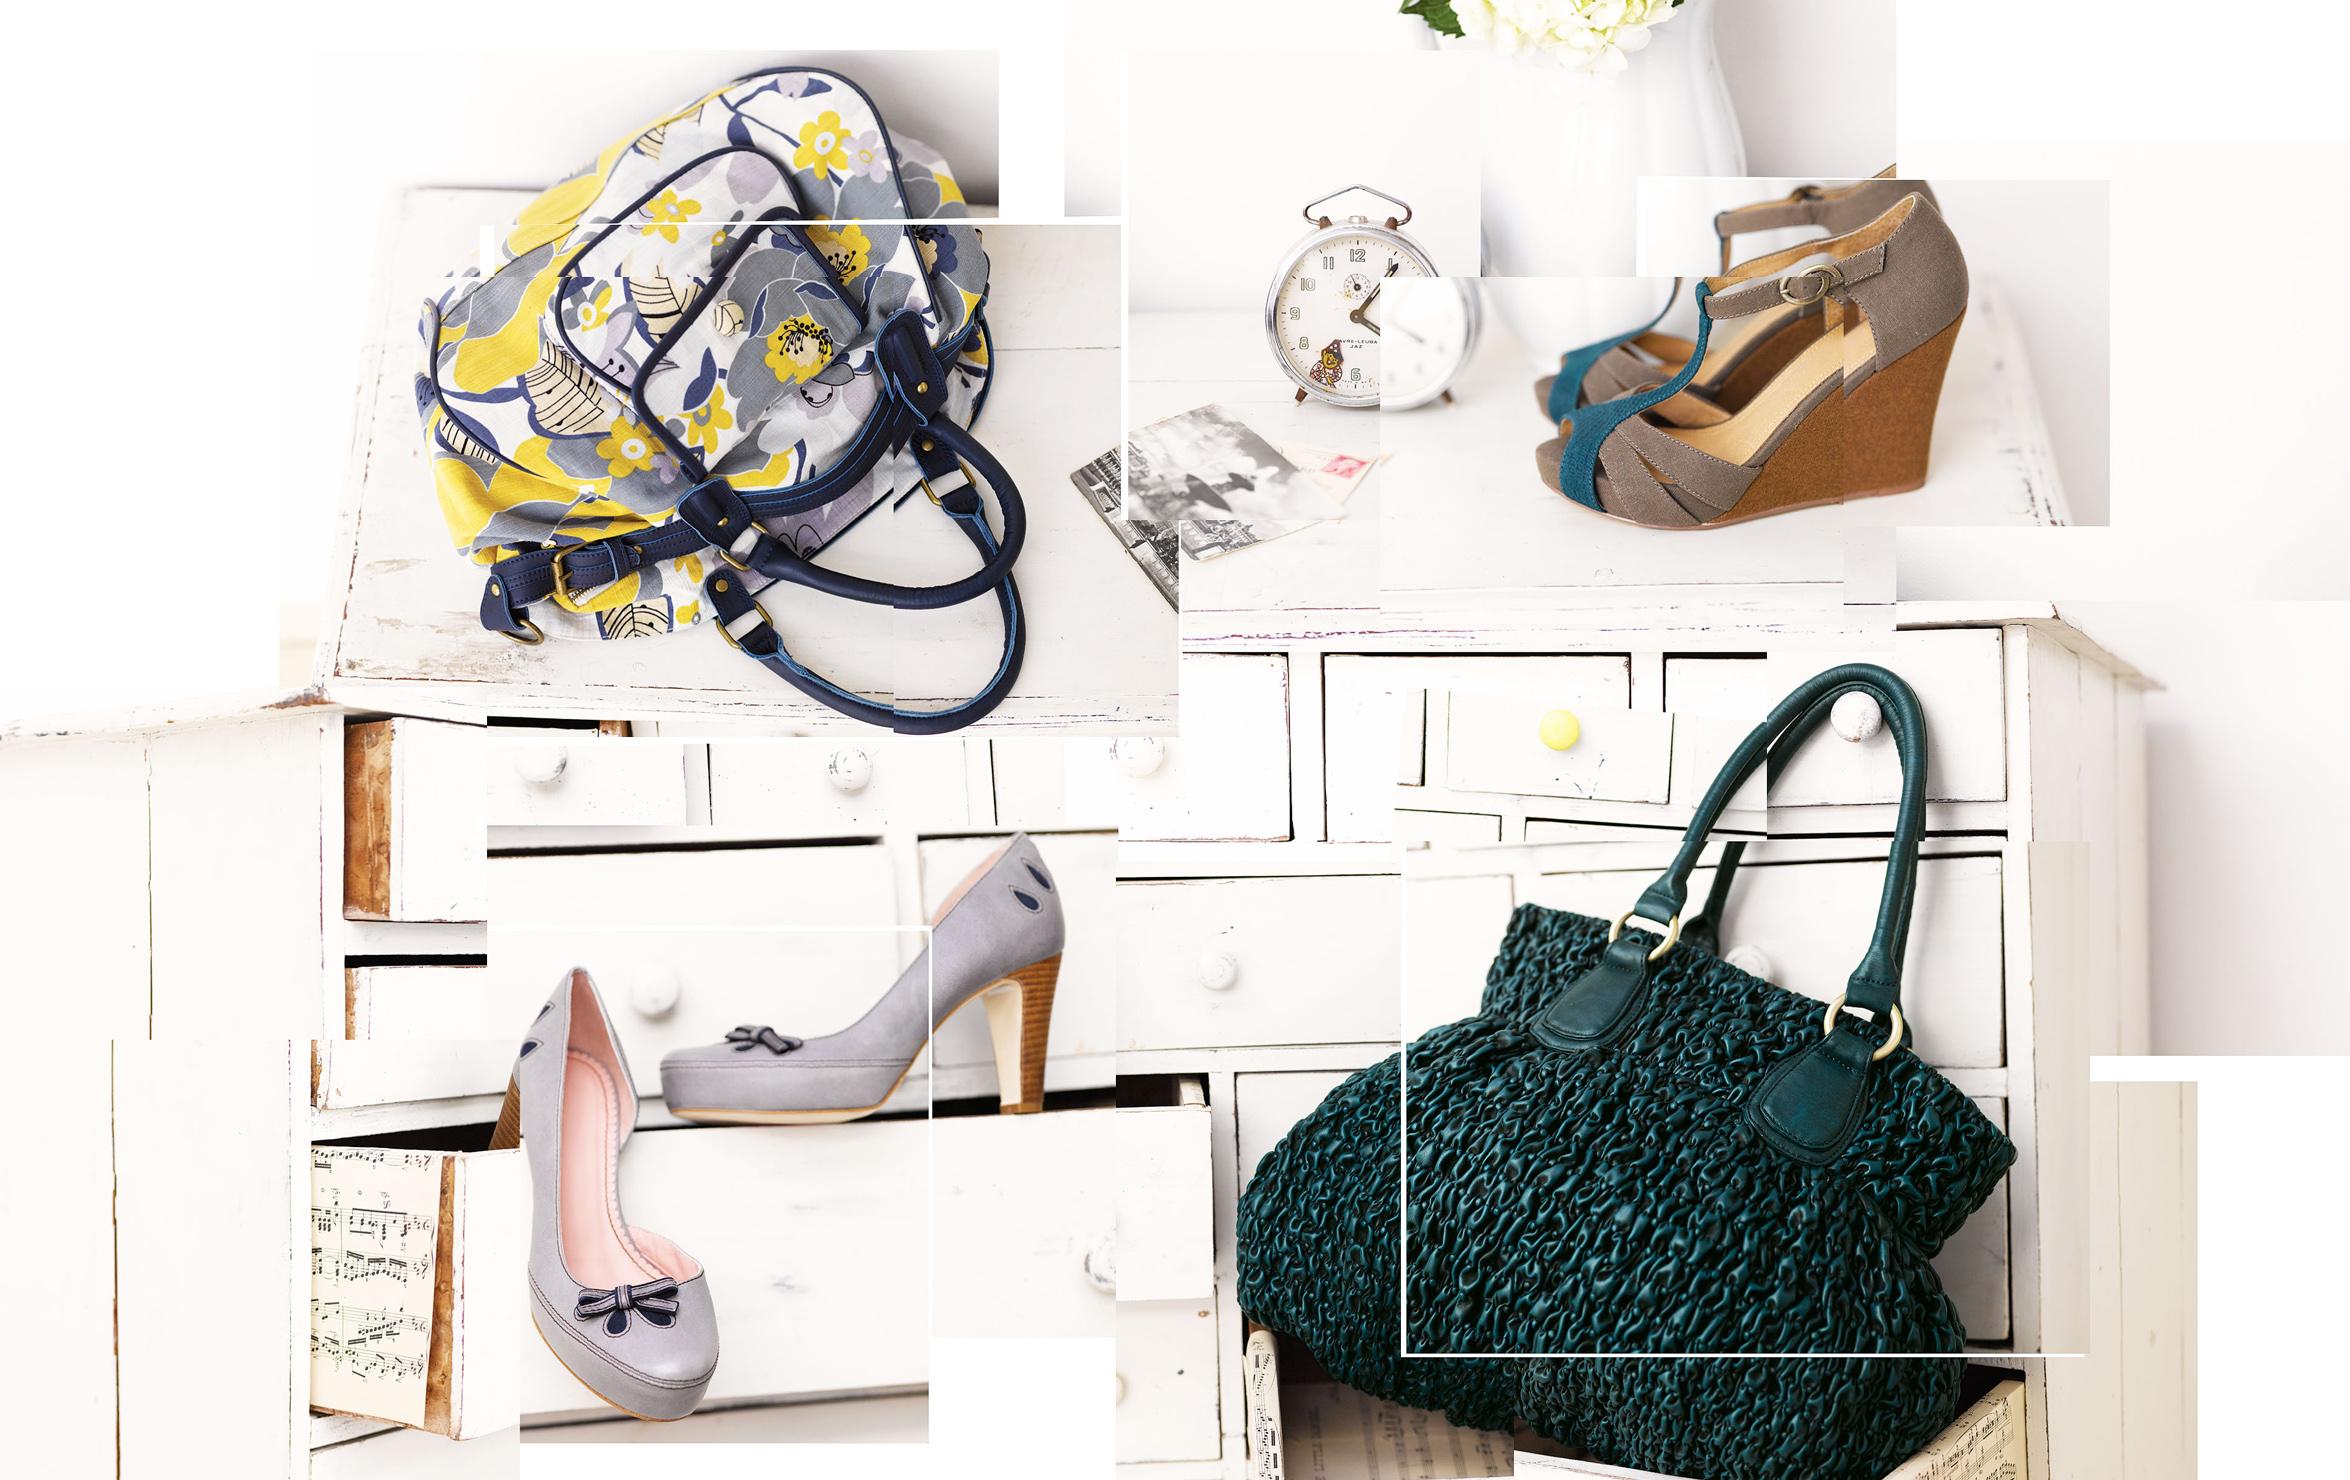 Hockney spread 2.jpg